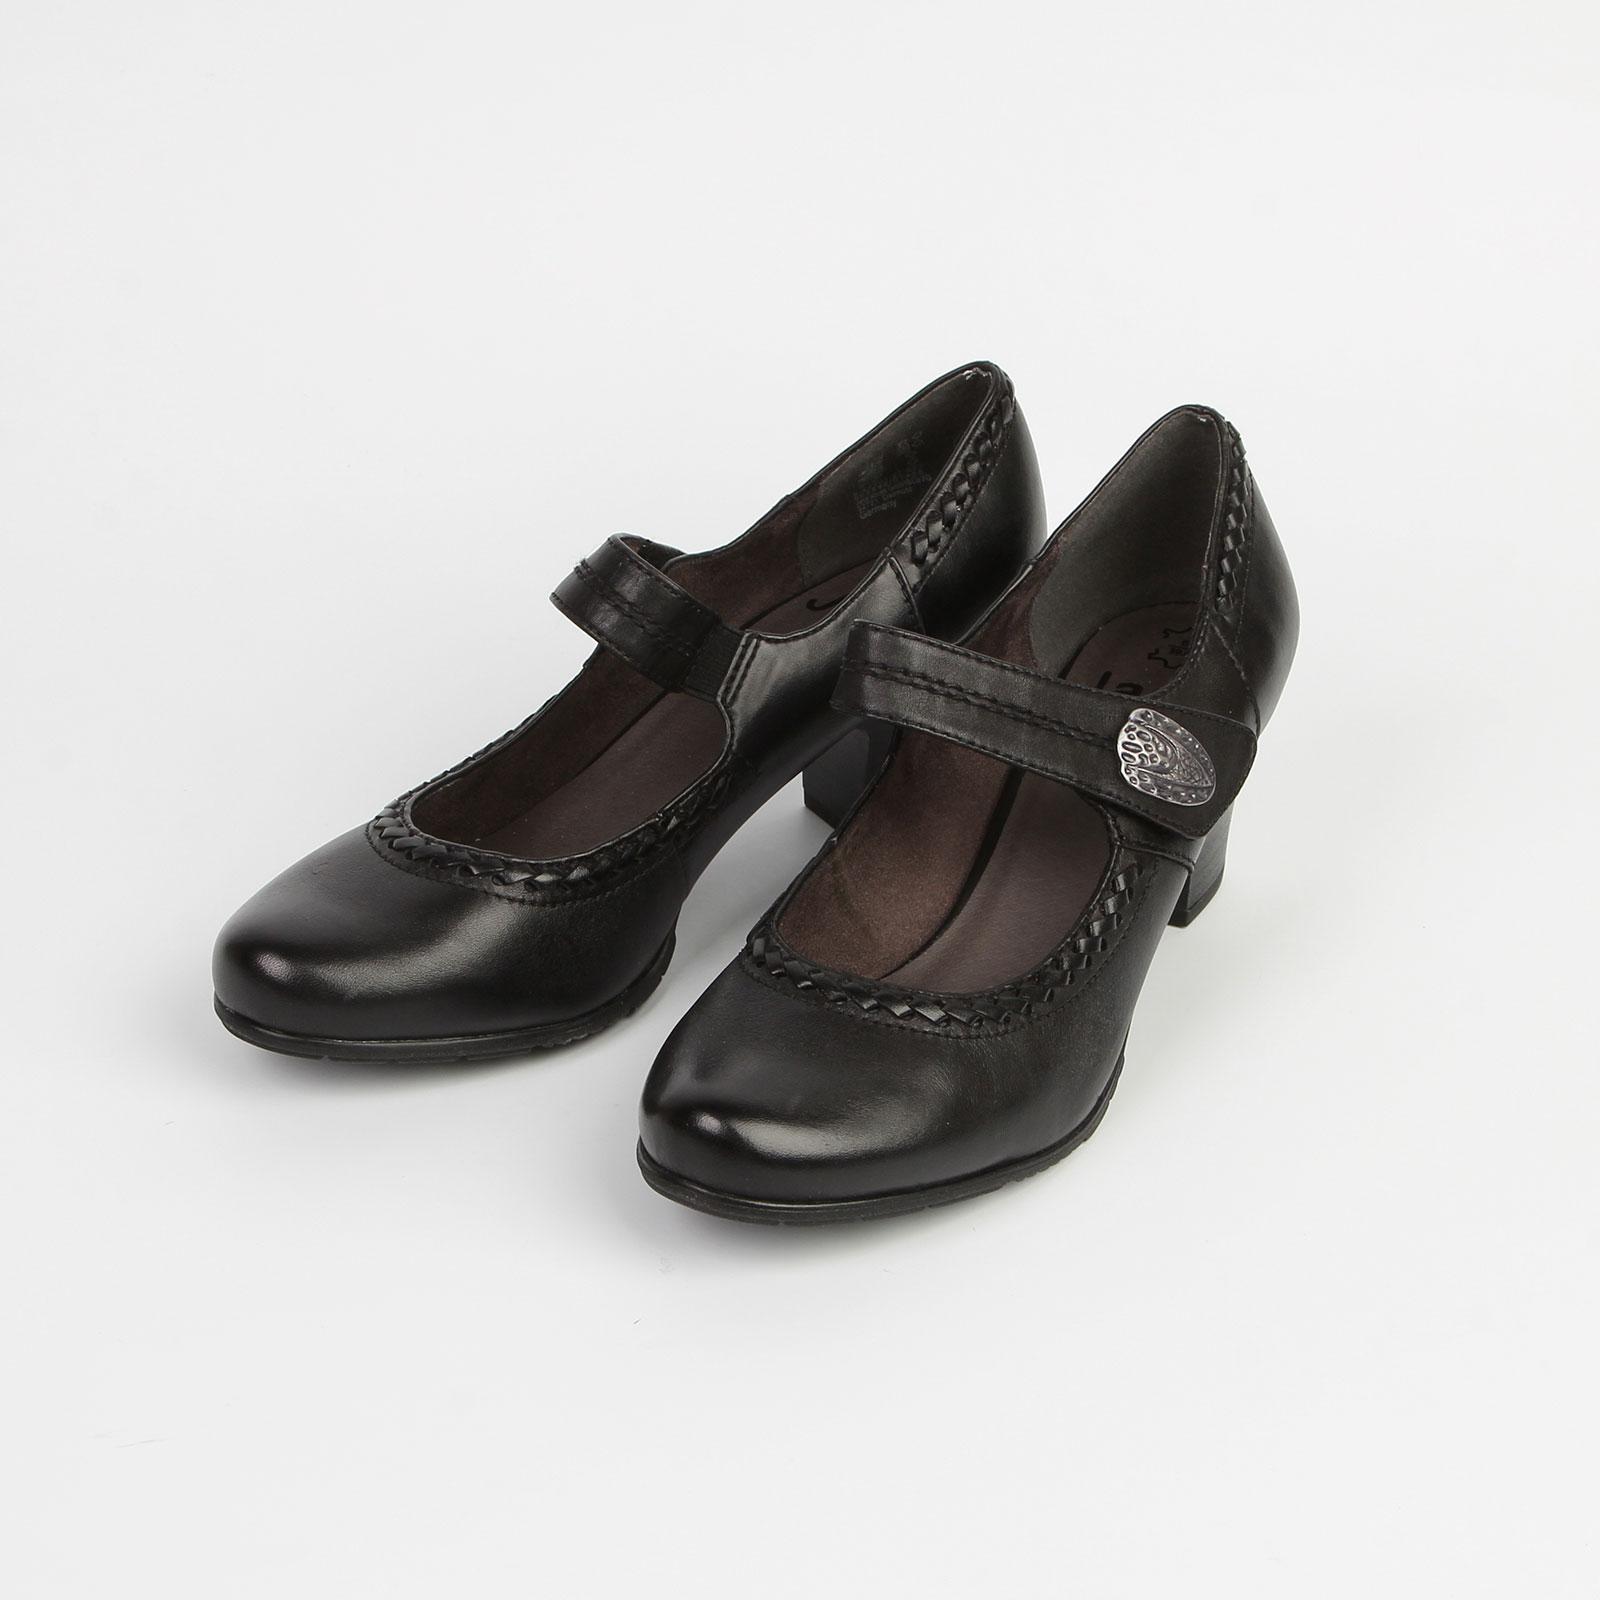 Туфли женские на среднем каблуке и с ремешком на липучке